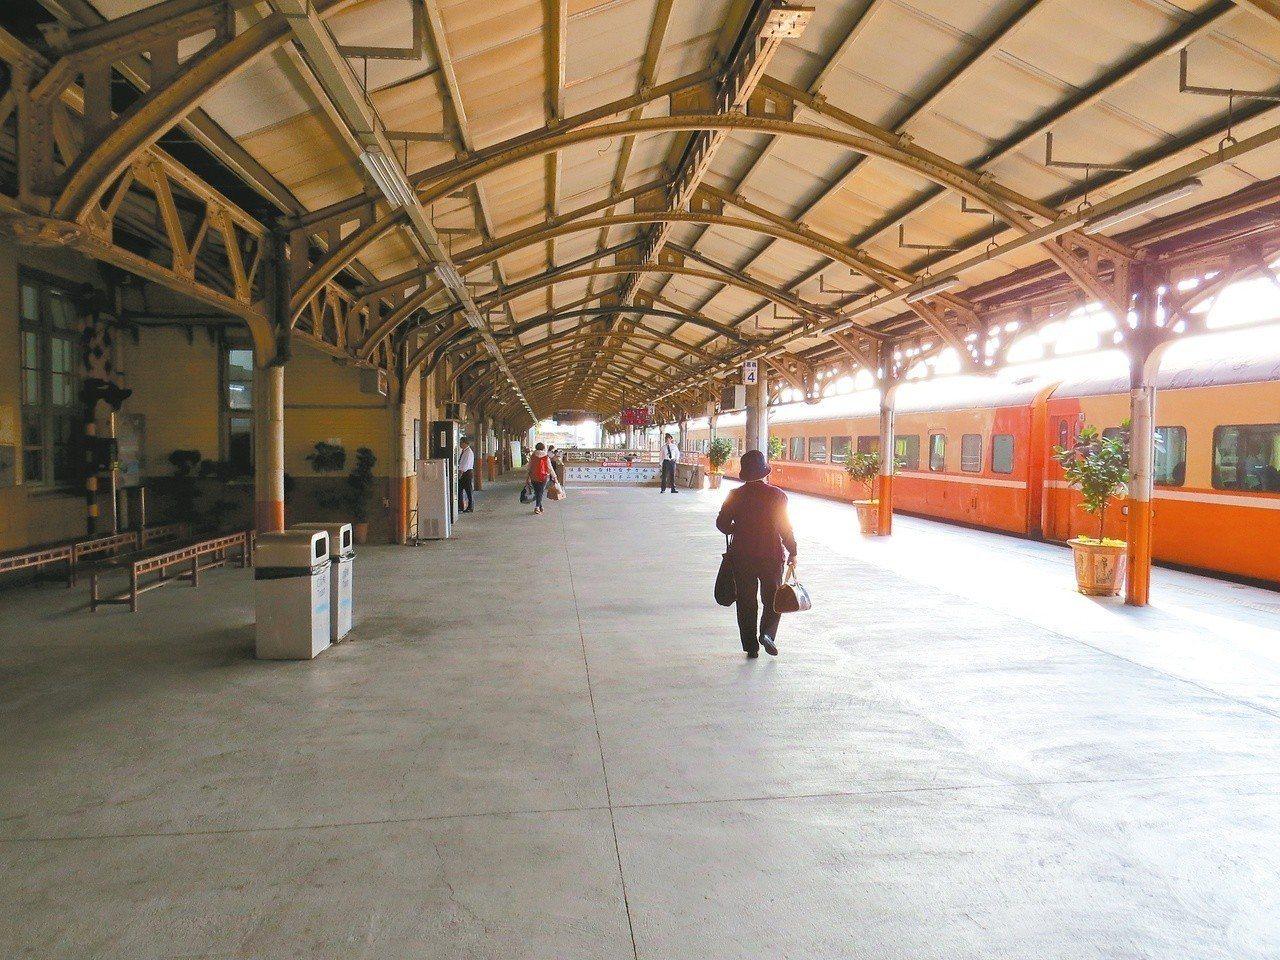 搭上火車,從民雄前往嘉義市,通往青春的晃遊地。